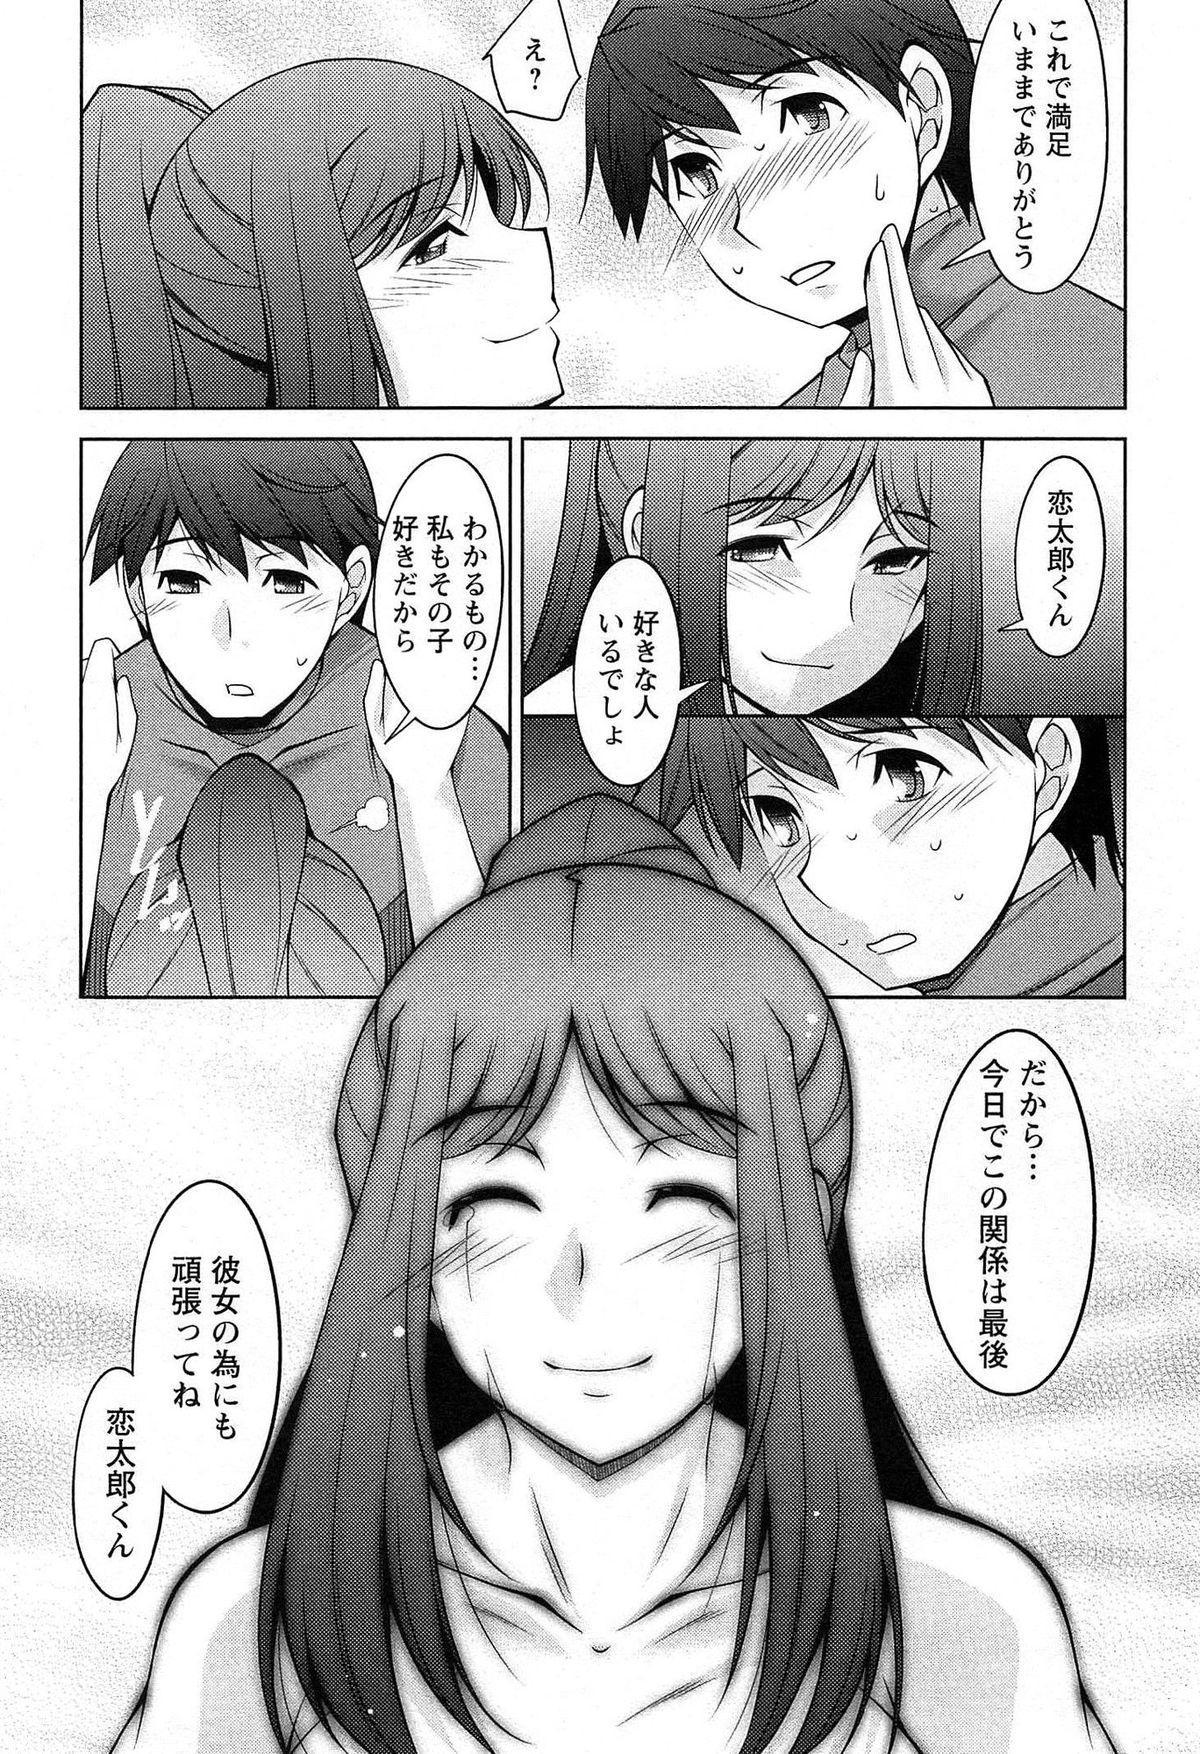 [zen9] Tsuki-wo Ai-Shite - Tsuki-ni Koi-shite 2 21